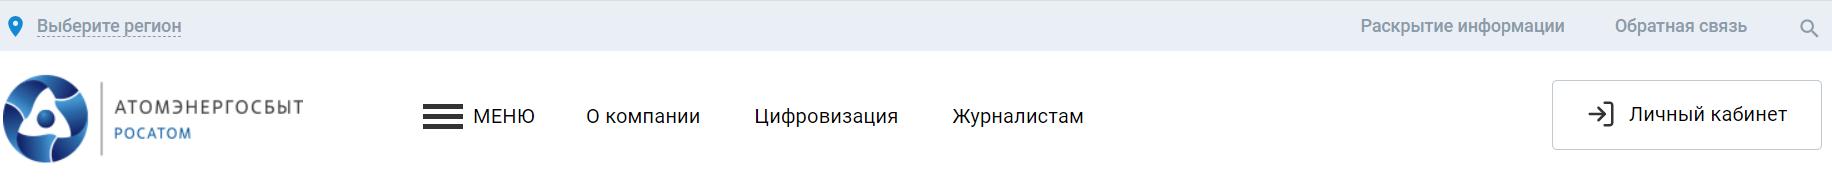 Личный кабинет Атомэнергосбыт